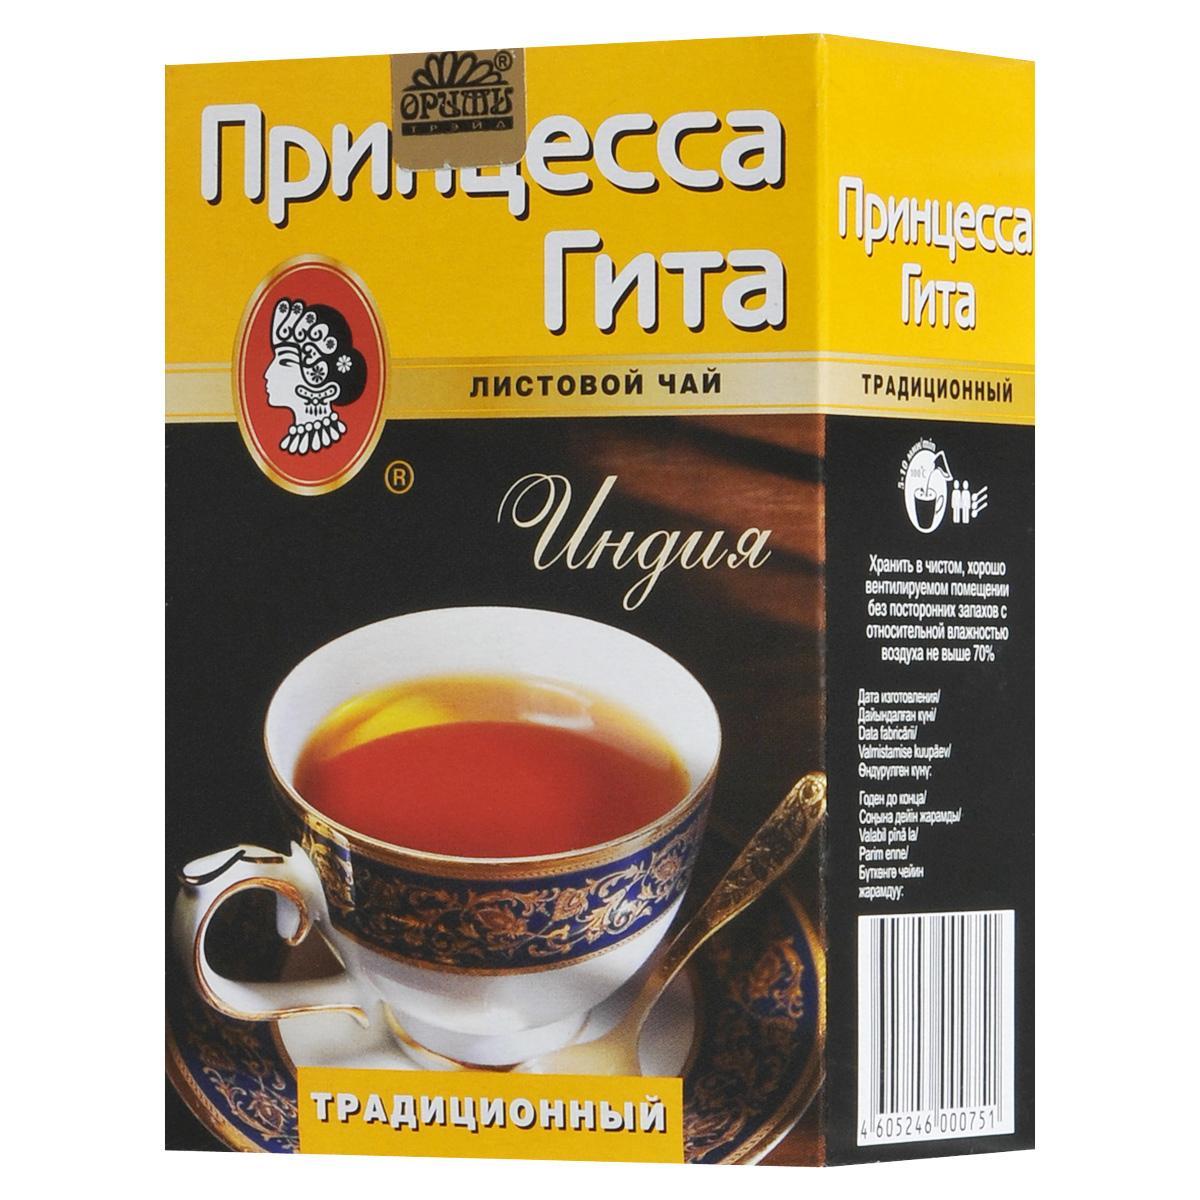 Принцесса Гита Традиционный черный листовой чай, 100 г зита и гита